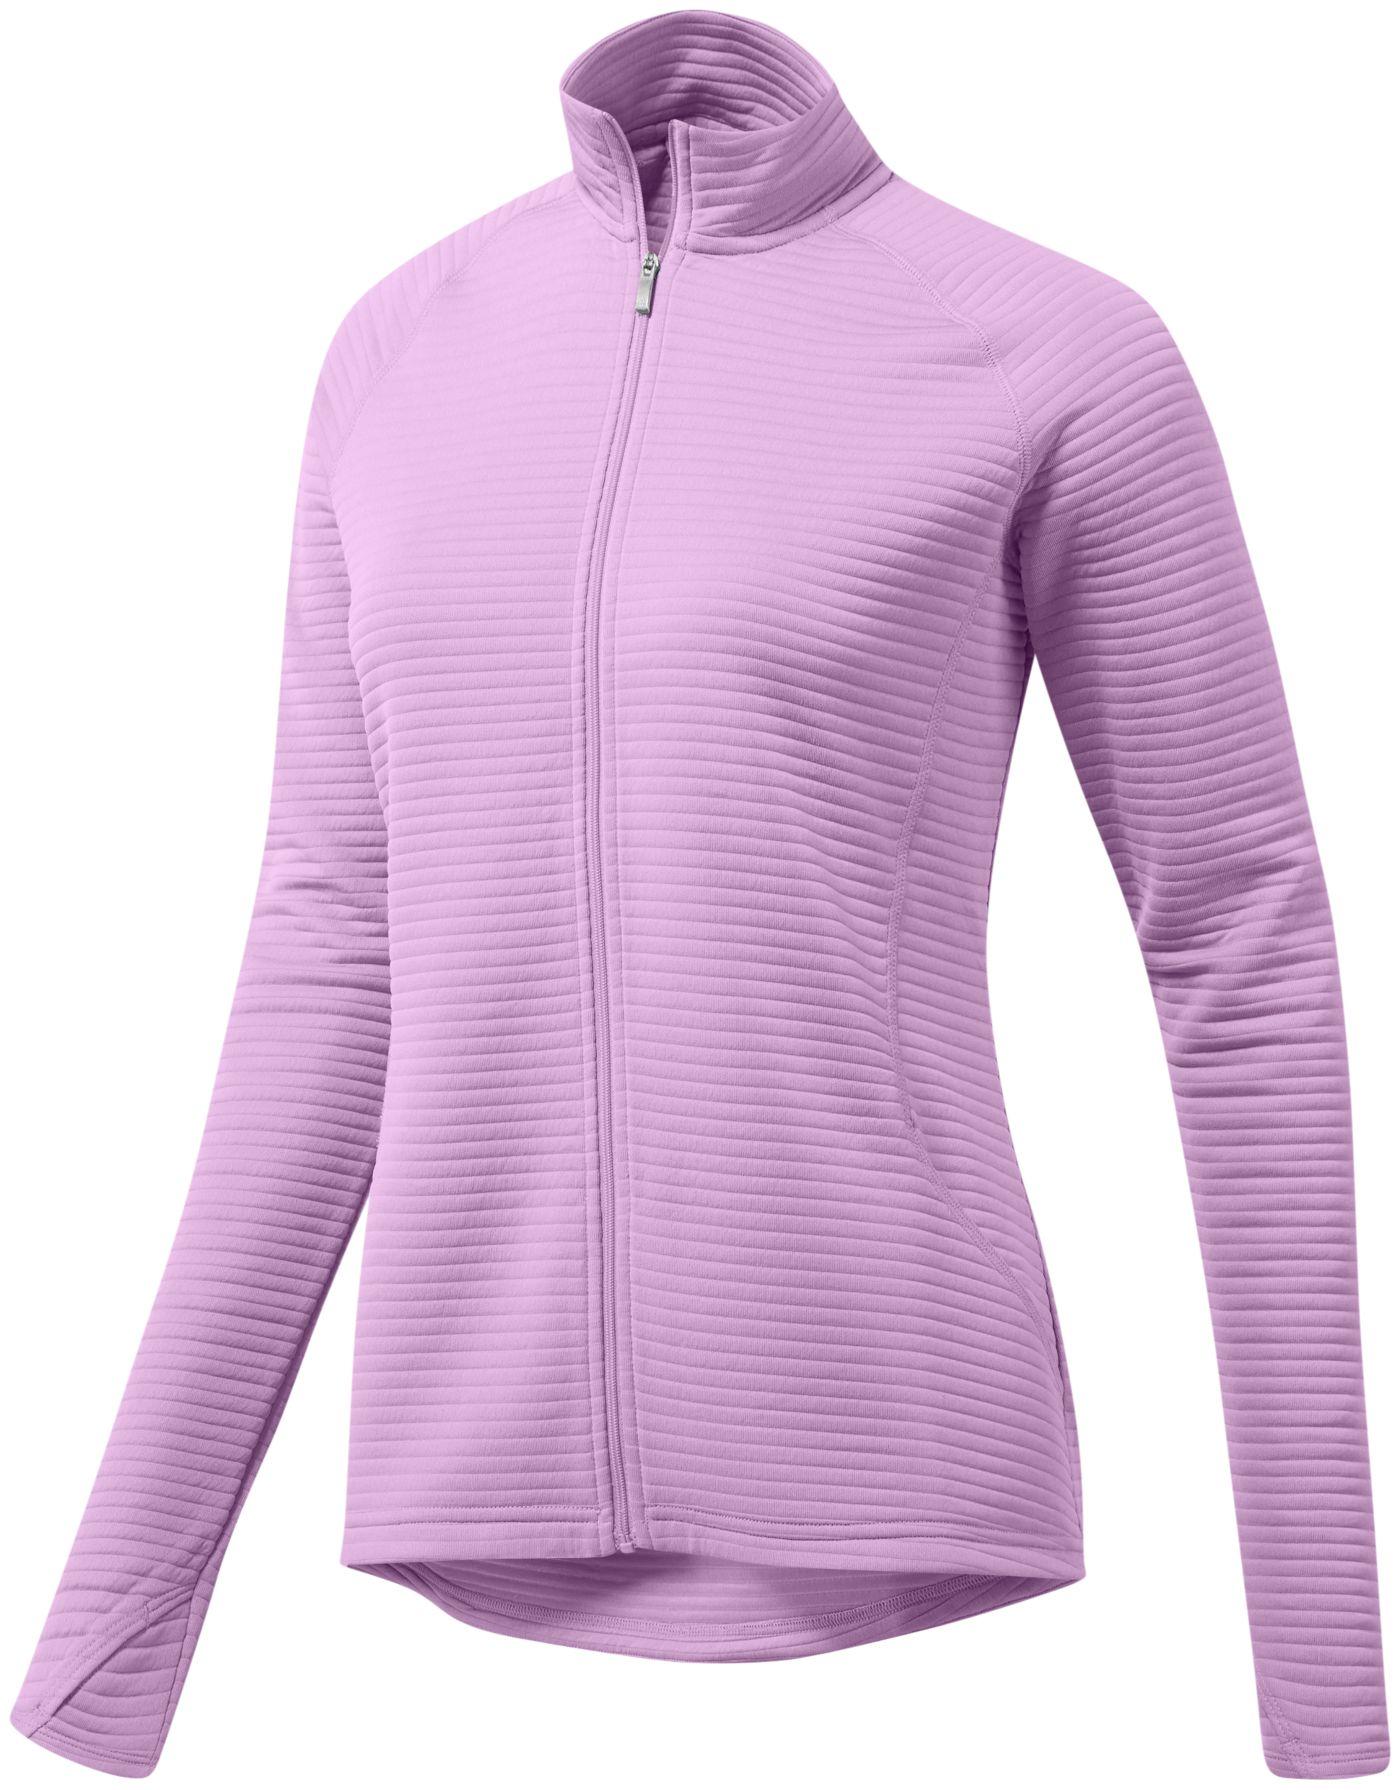 adidas Women's Essentials Textured Jacket